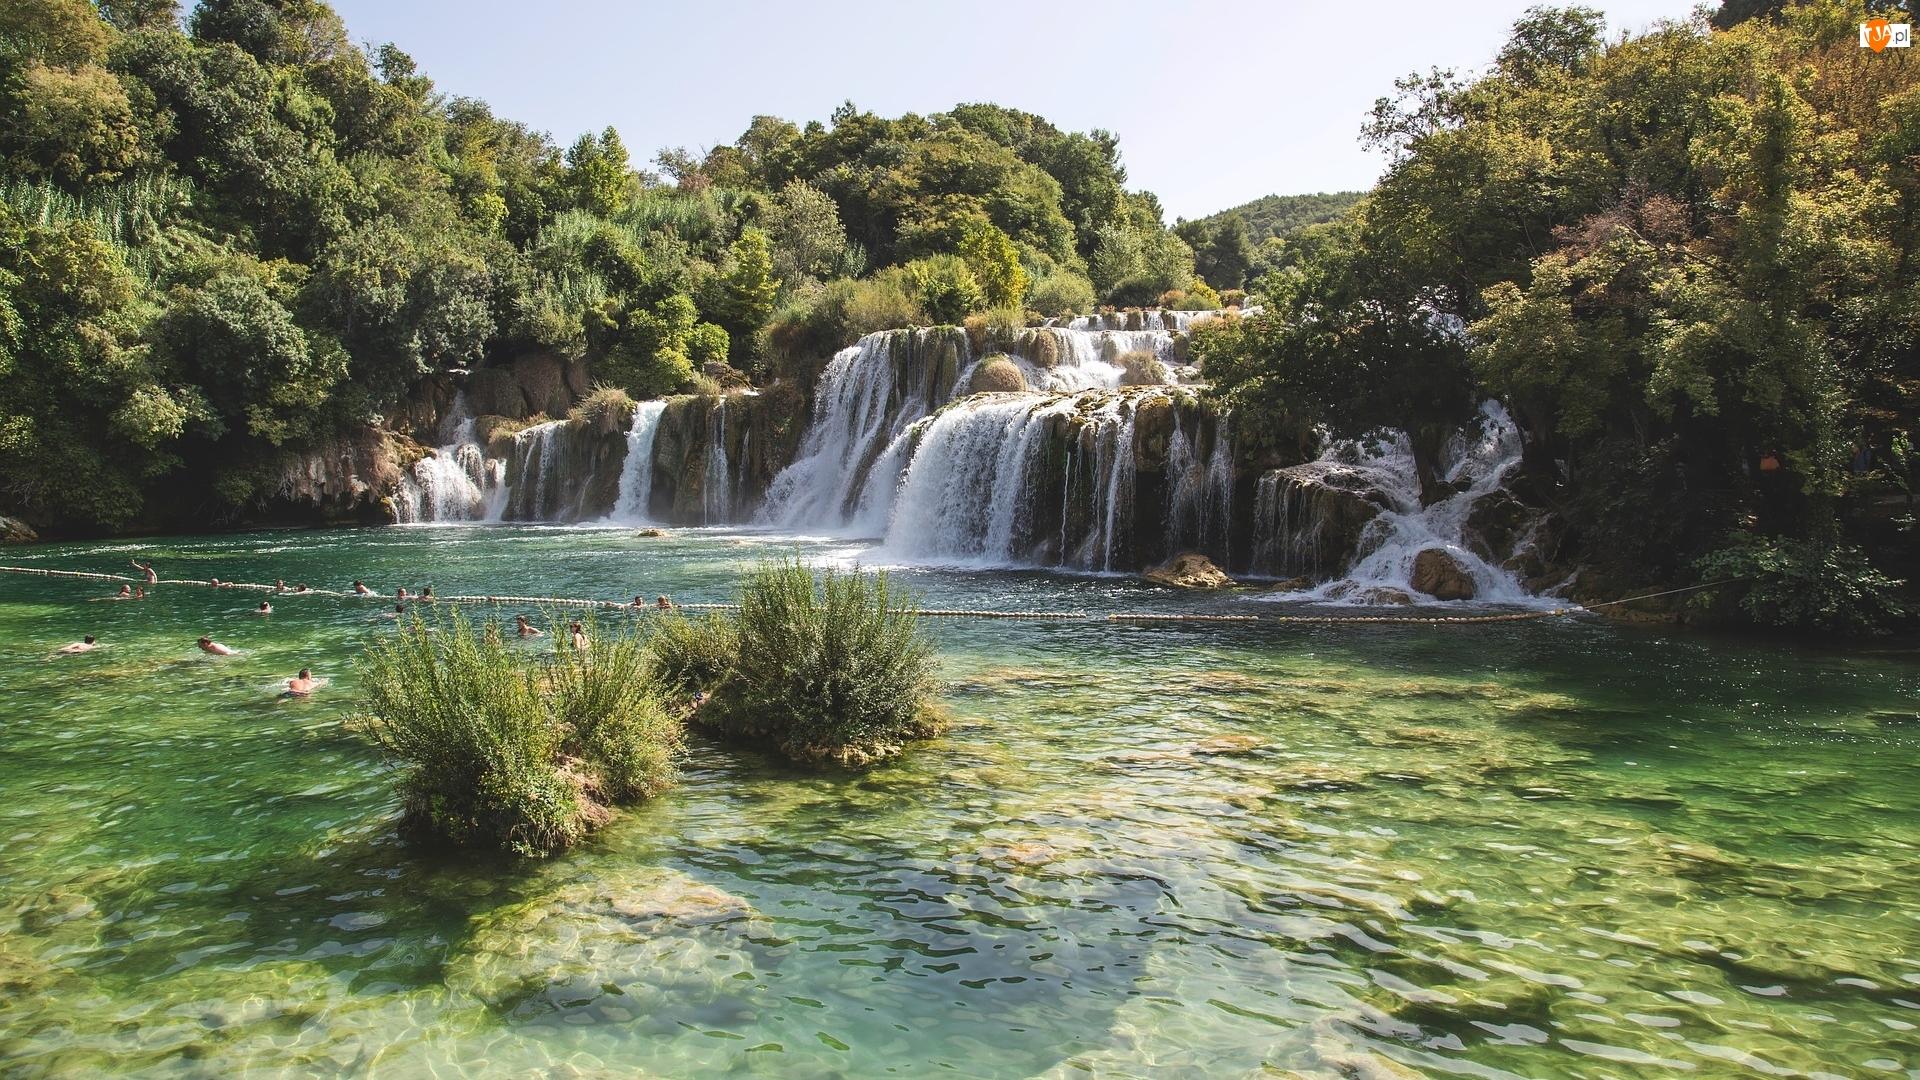 Wodospad, Skradinski Buk Waterfall, Chorwacja, Rzeka, Park Narodowy Krka, Drzewa, Krzewy